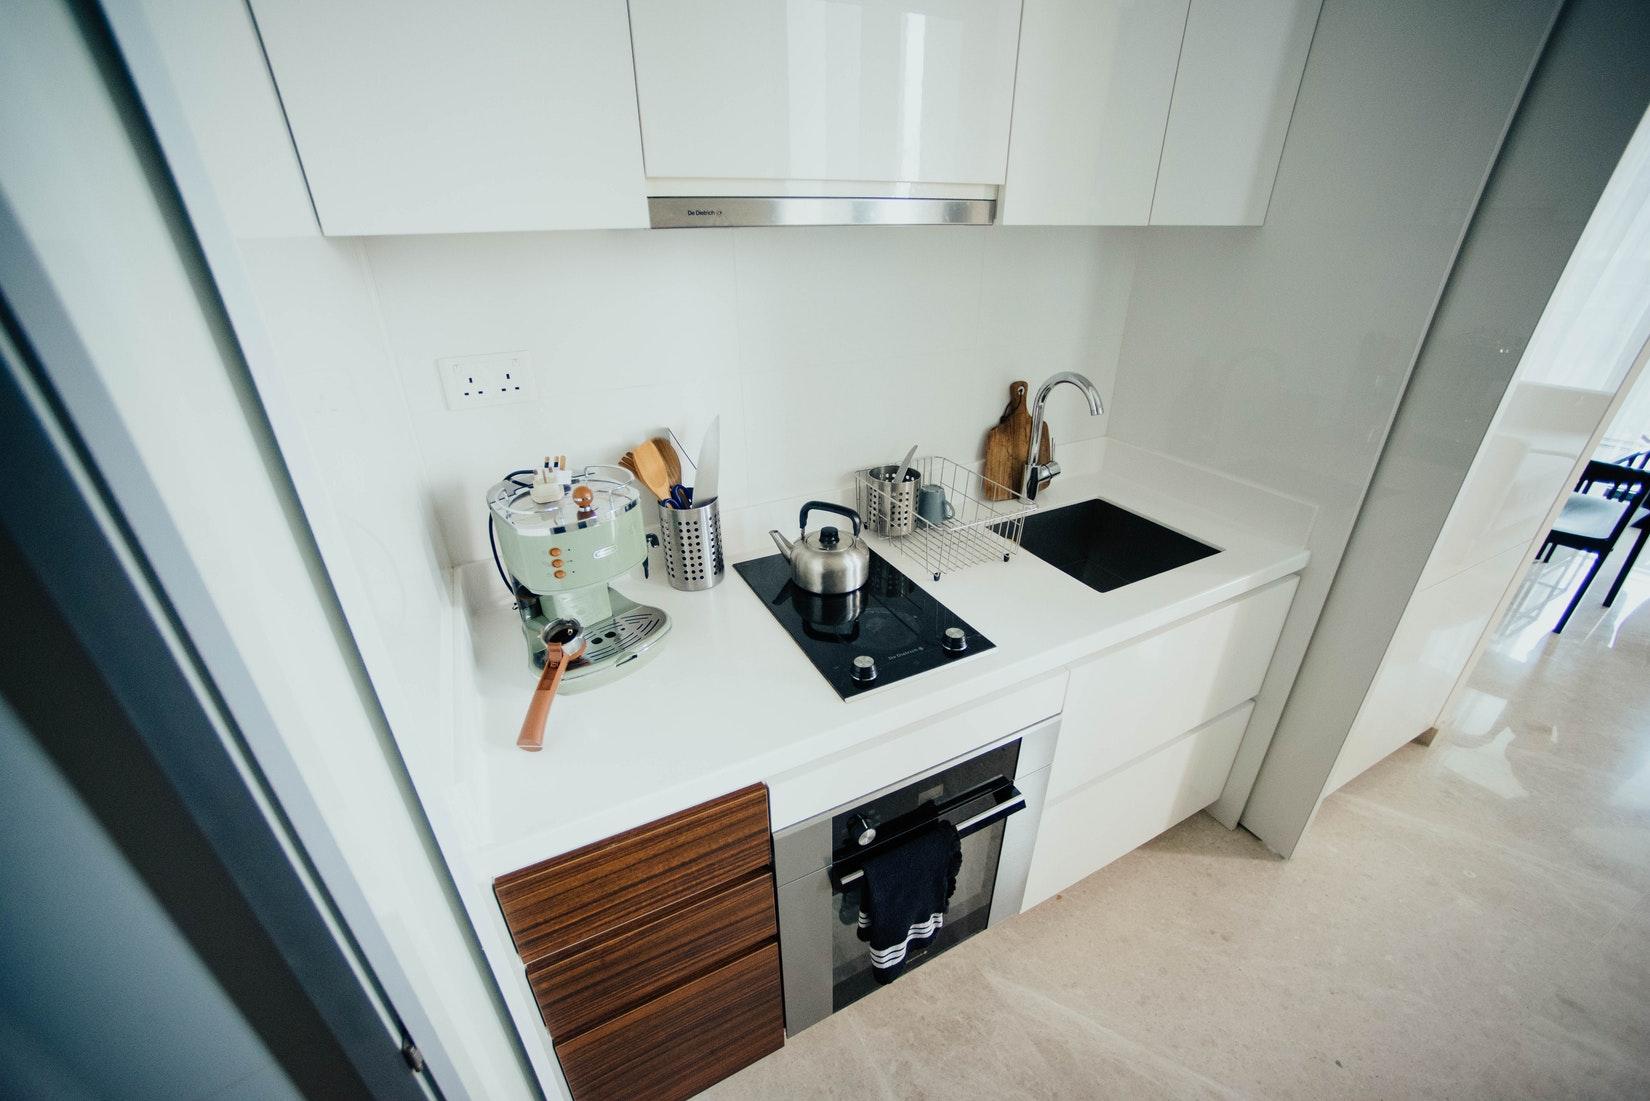 こうすると使いやすい!キッチン下の基本的な収納方法